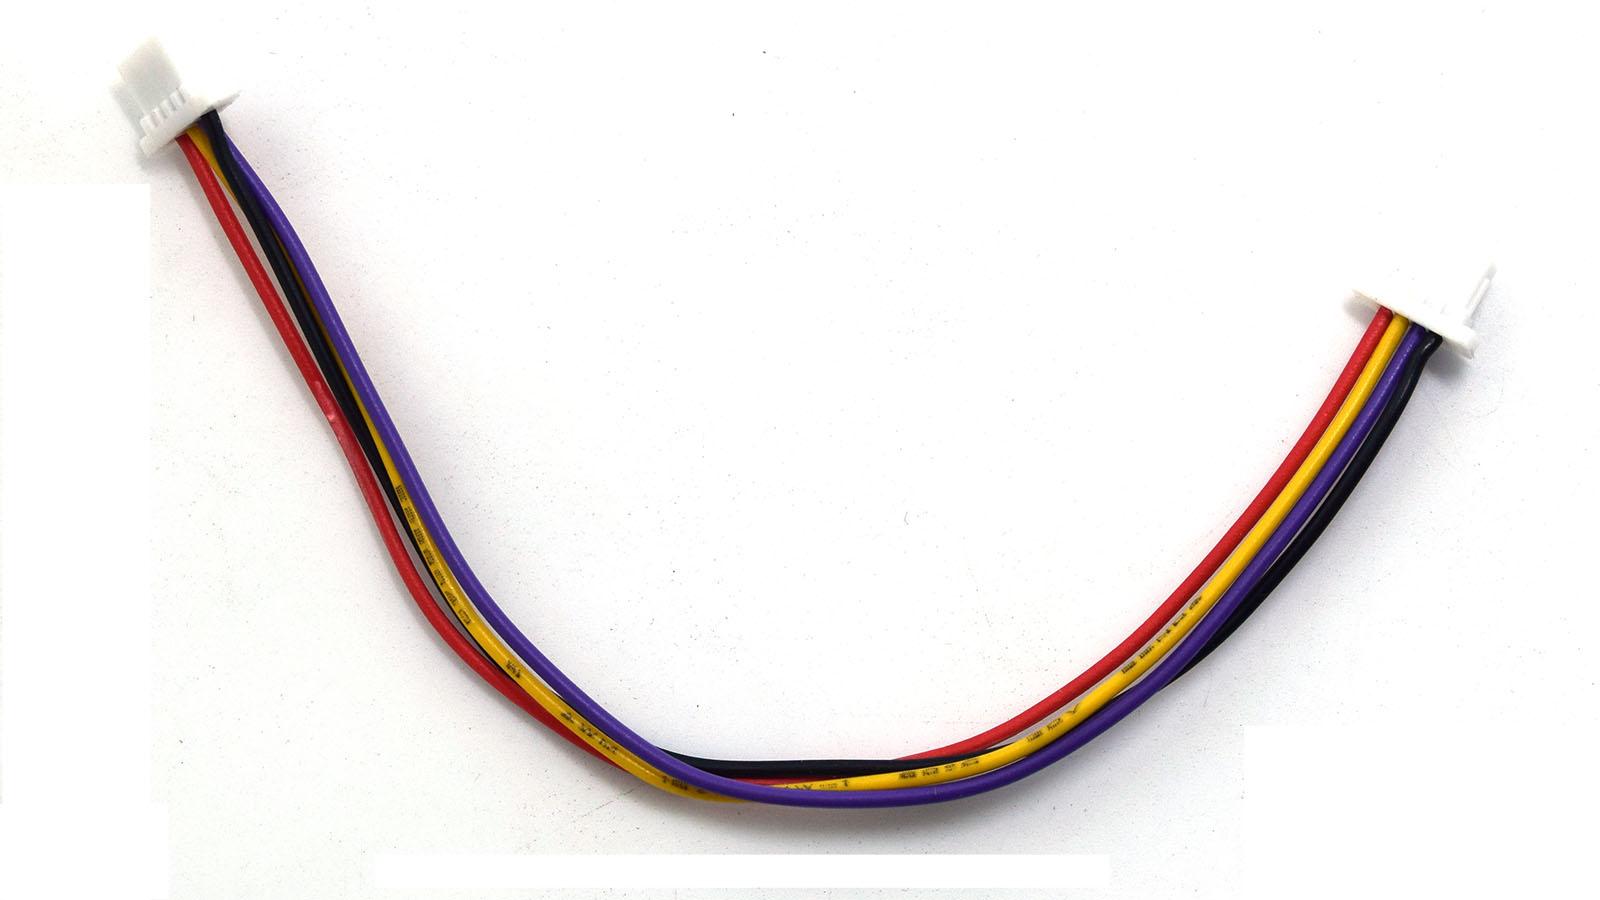 Wemos I2c Cable 10cm Plattformen Exp Tech Wiring